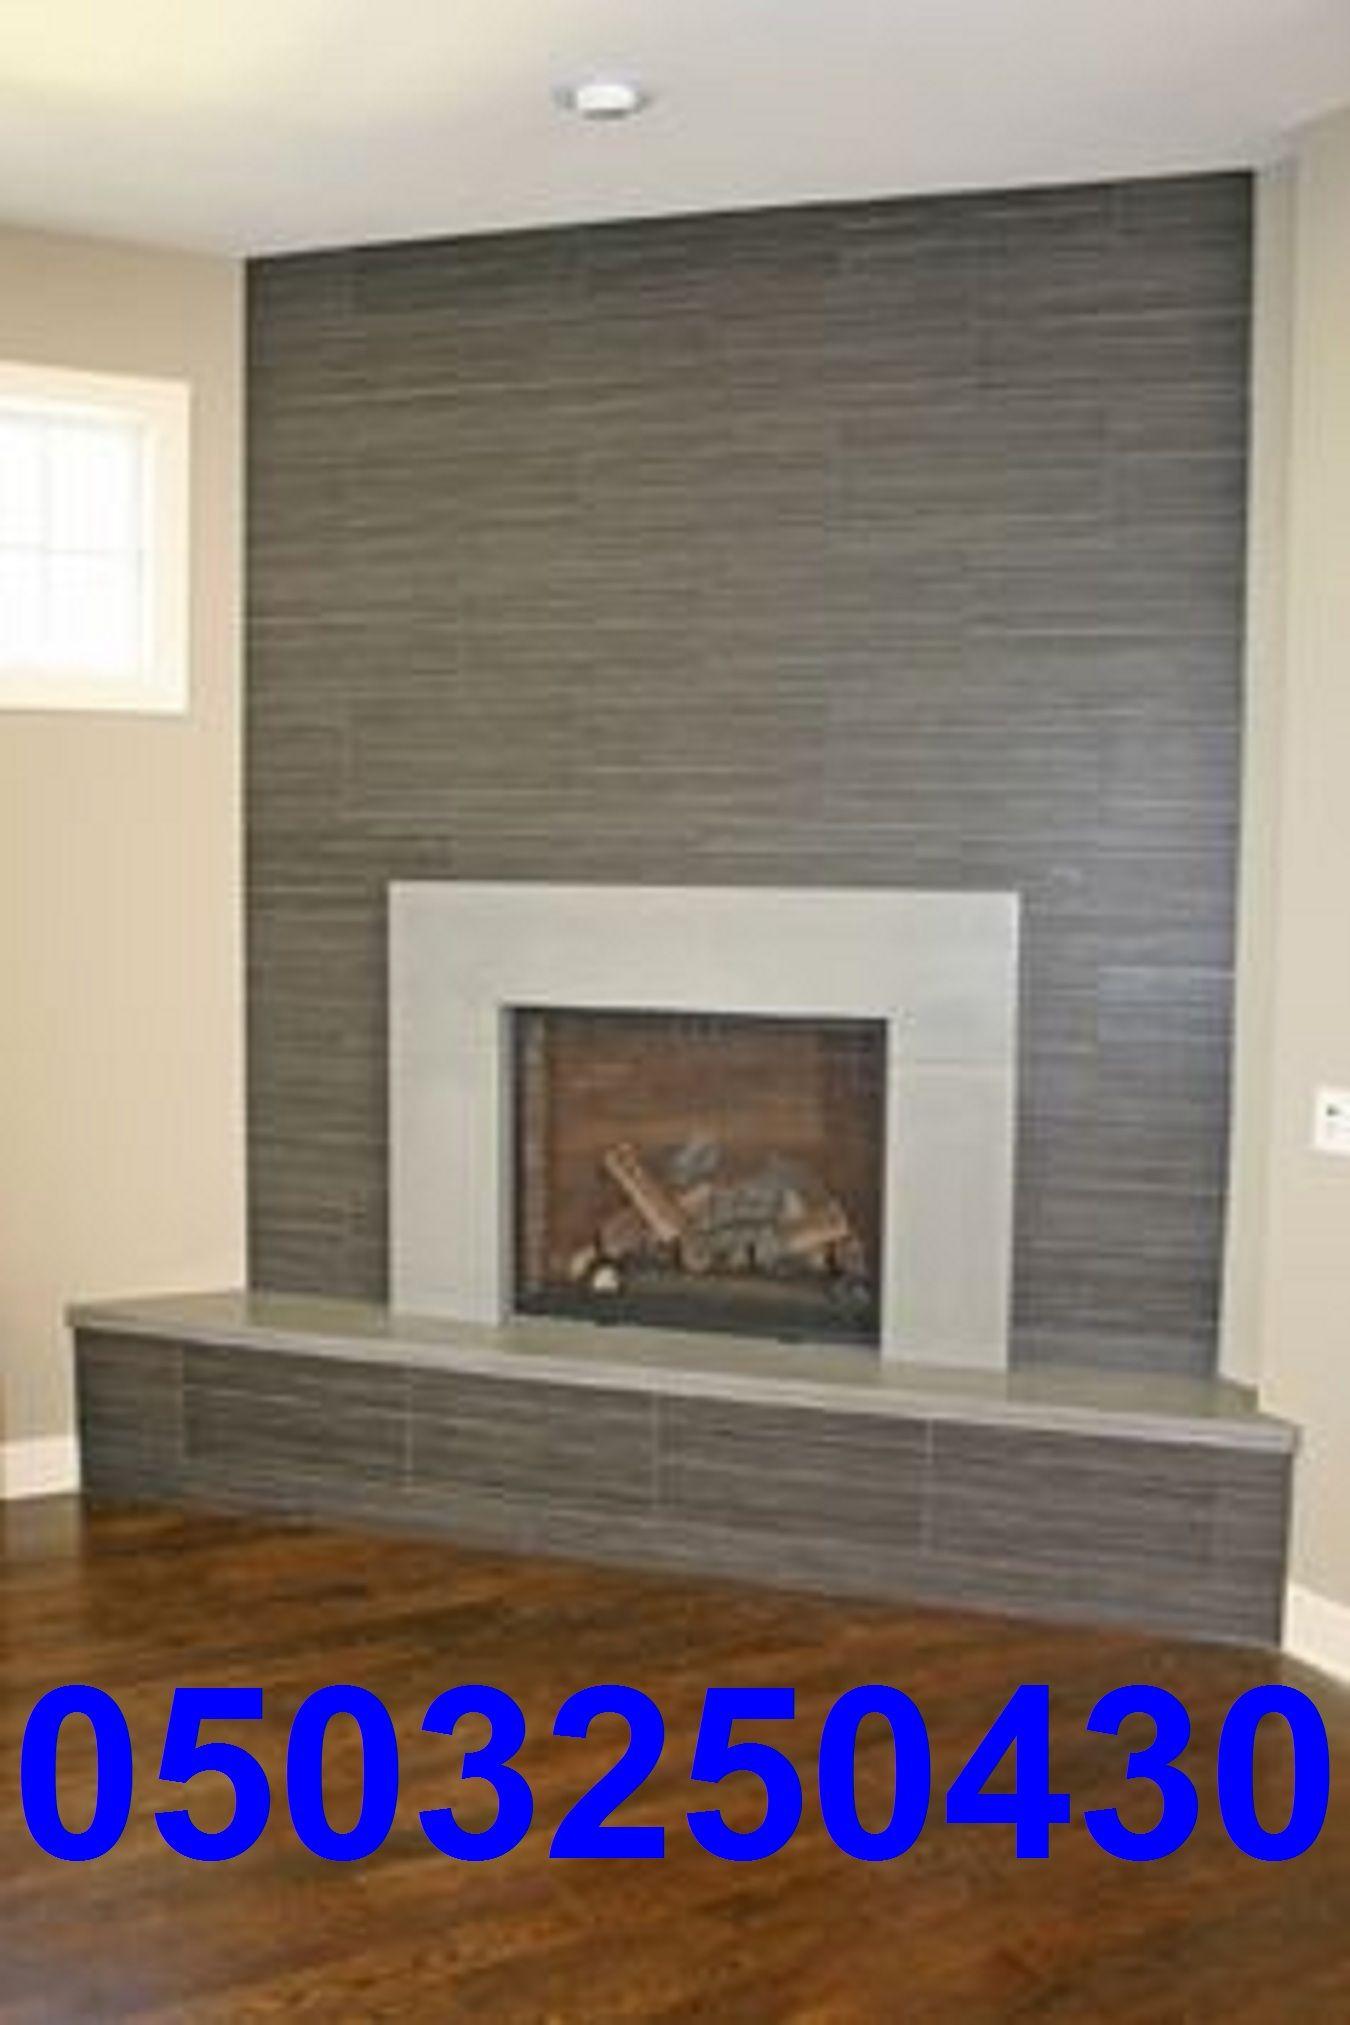 صور مشبات Modern Fireplace Corner Gas Fireplace Brick Fireplace Makeover